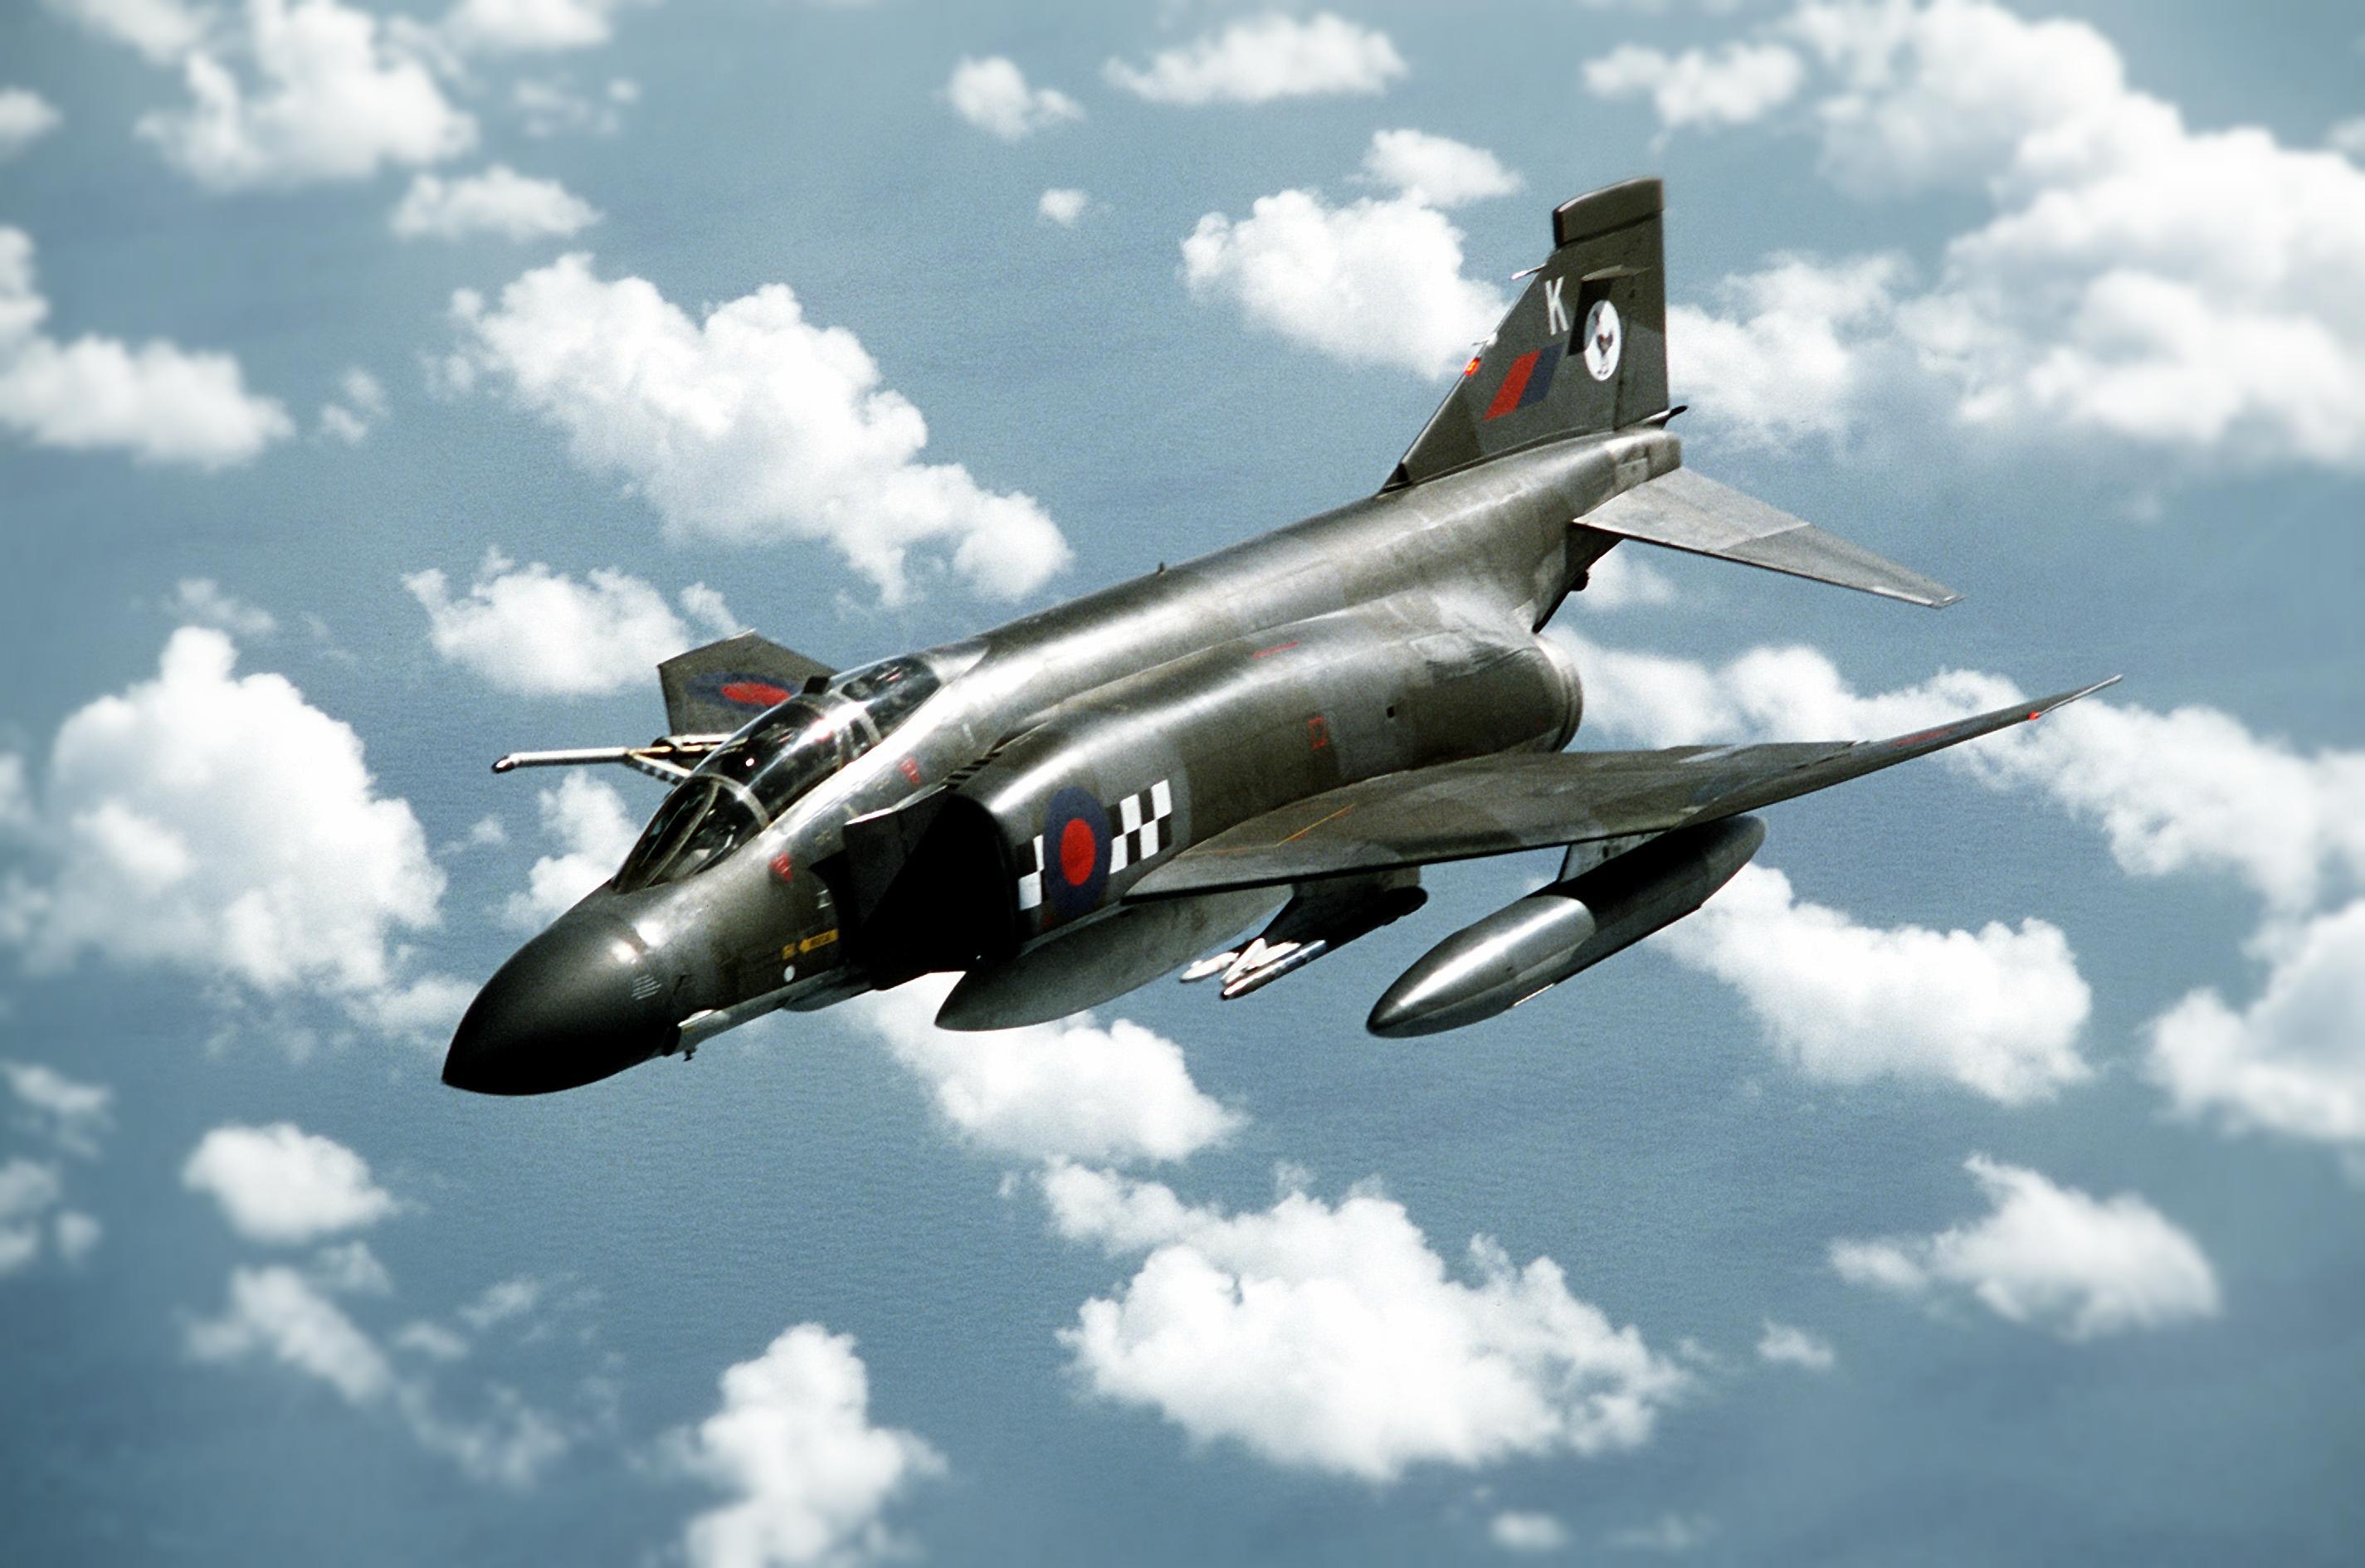 McDonnell Douglas F-86 Sabre